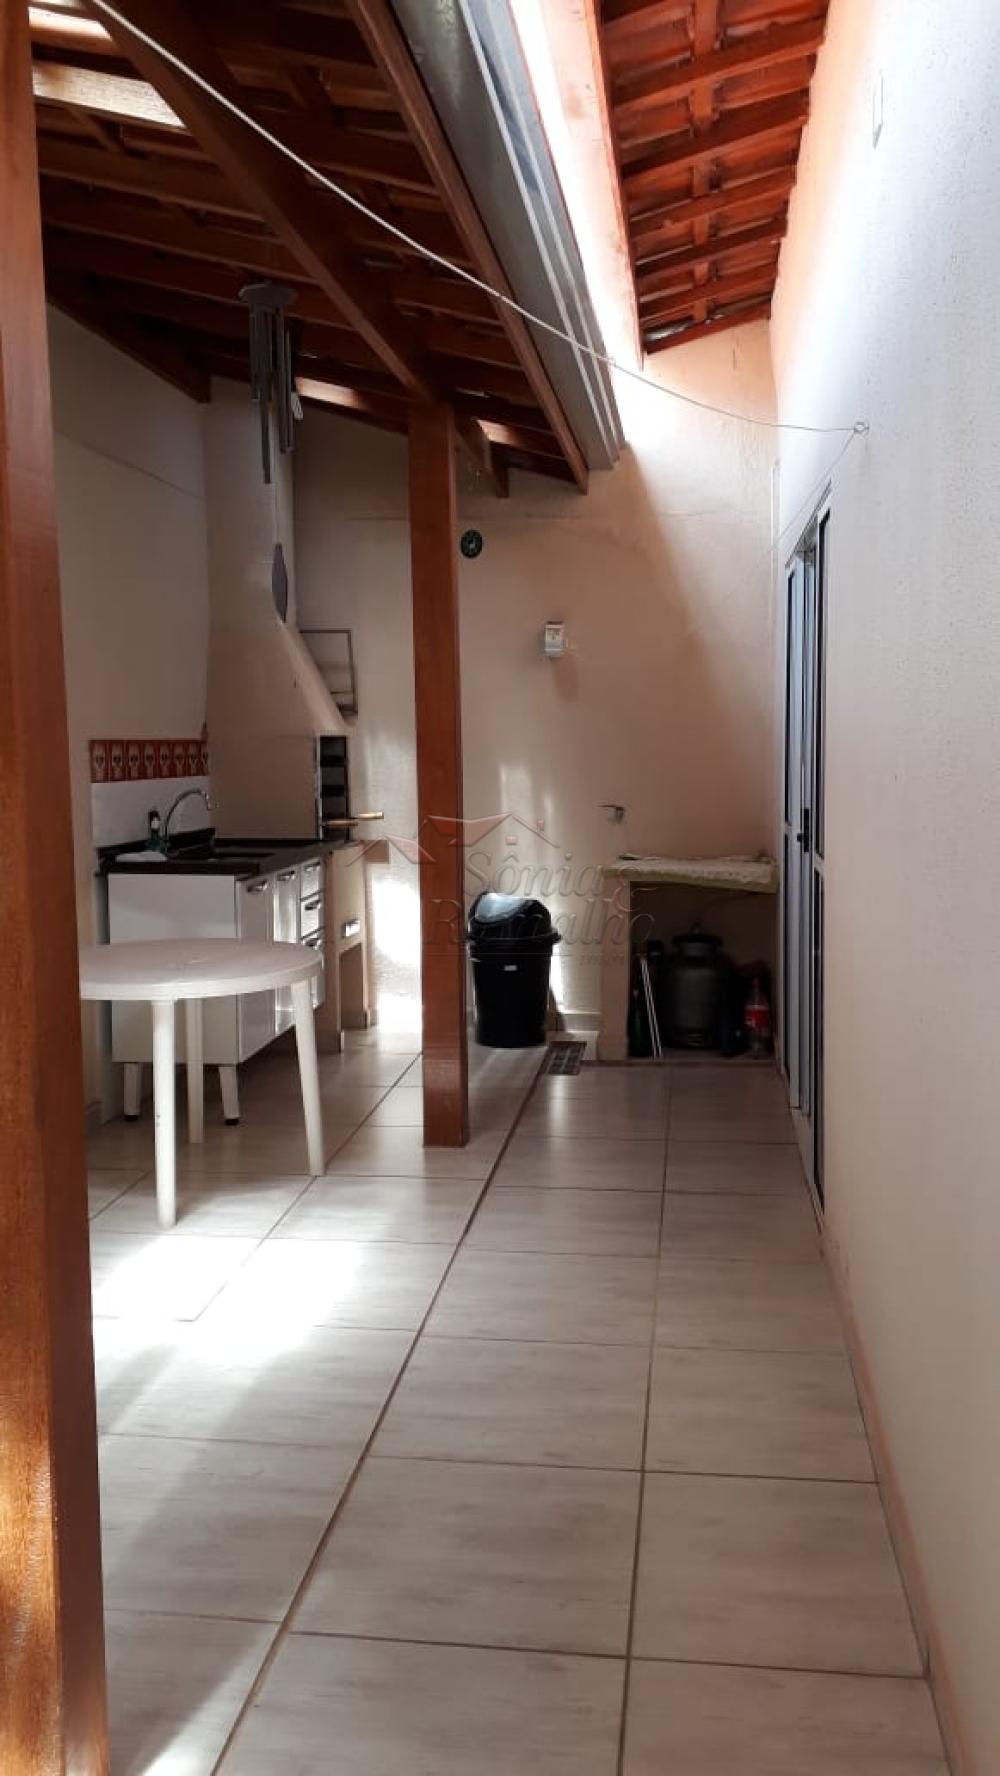 Comprar Casas / Padrão em Ribeirão Preto apenas R$ 265.000,00 - Foto 22